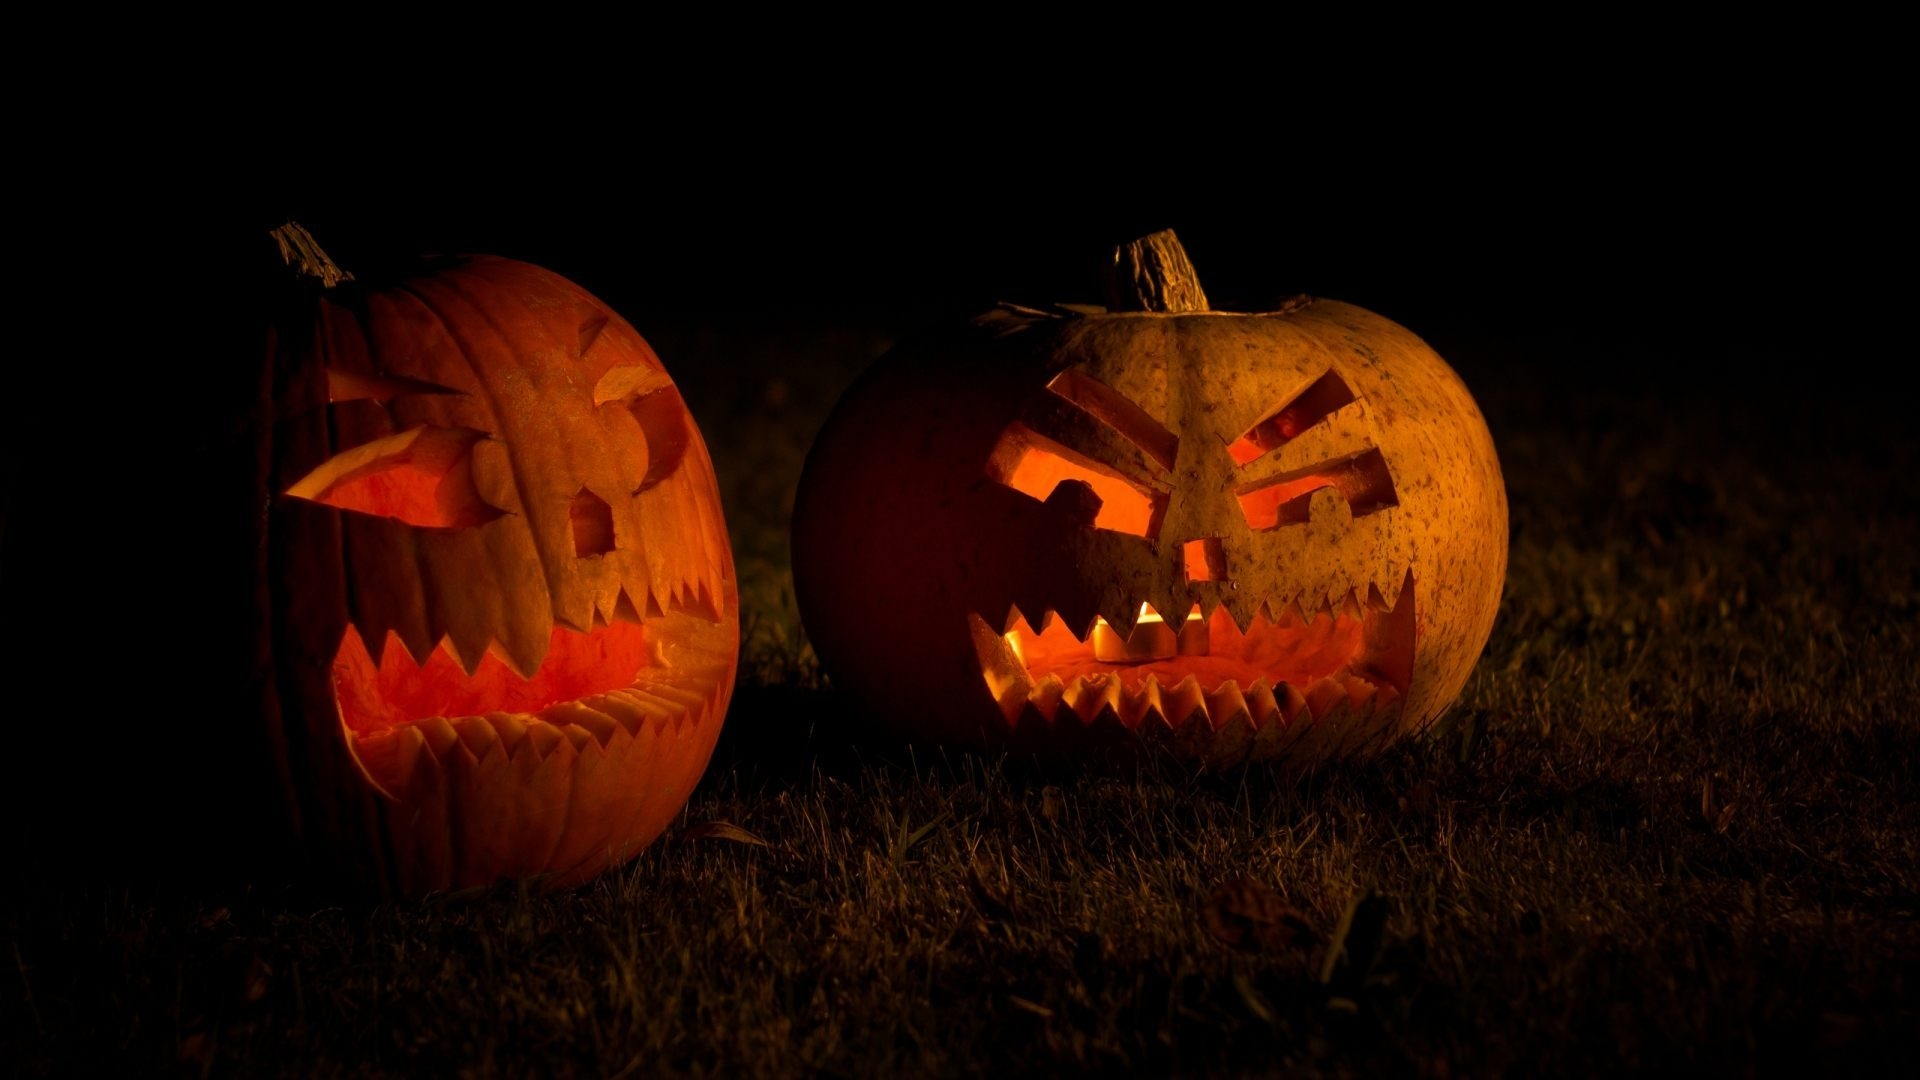 Halloween Scary Pumpkin Wallpaper, HD Holidays 4K Wallpapers